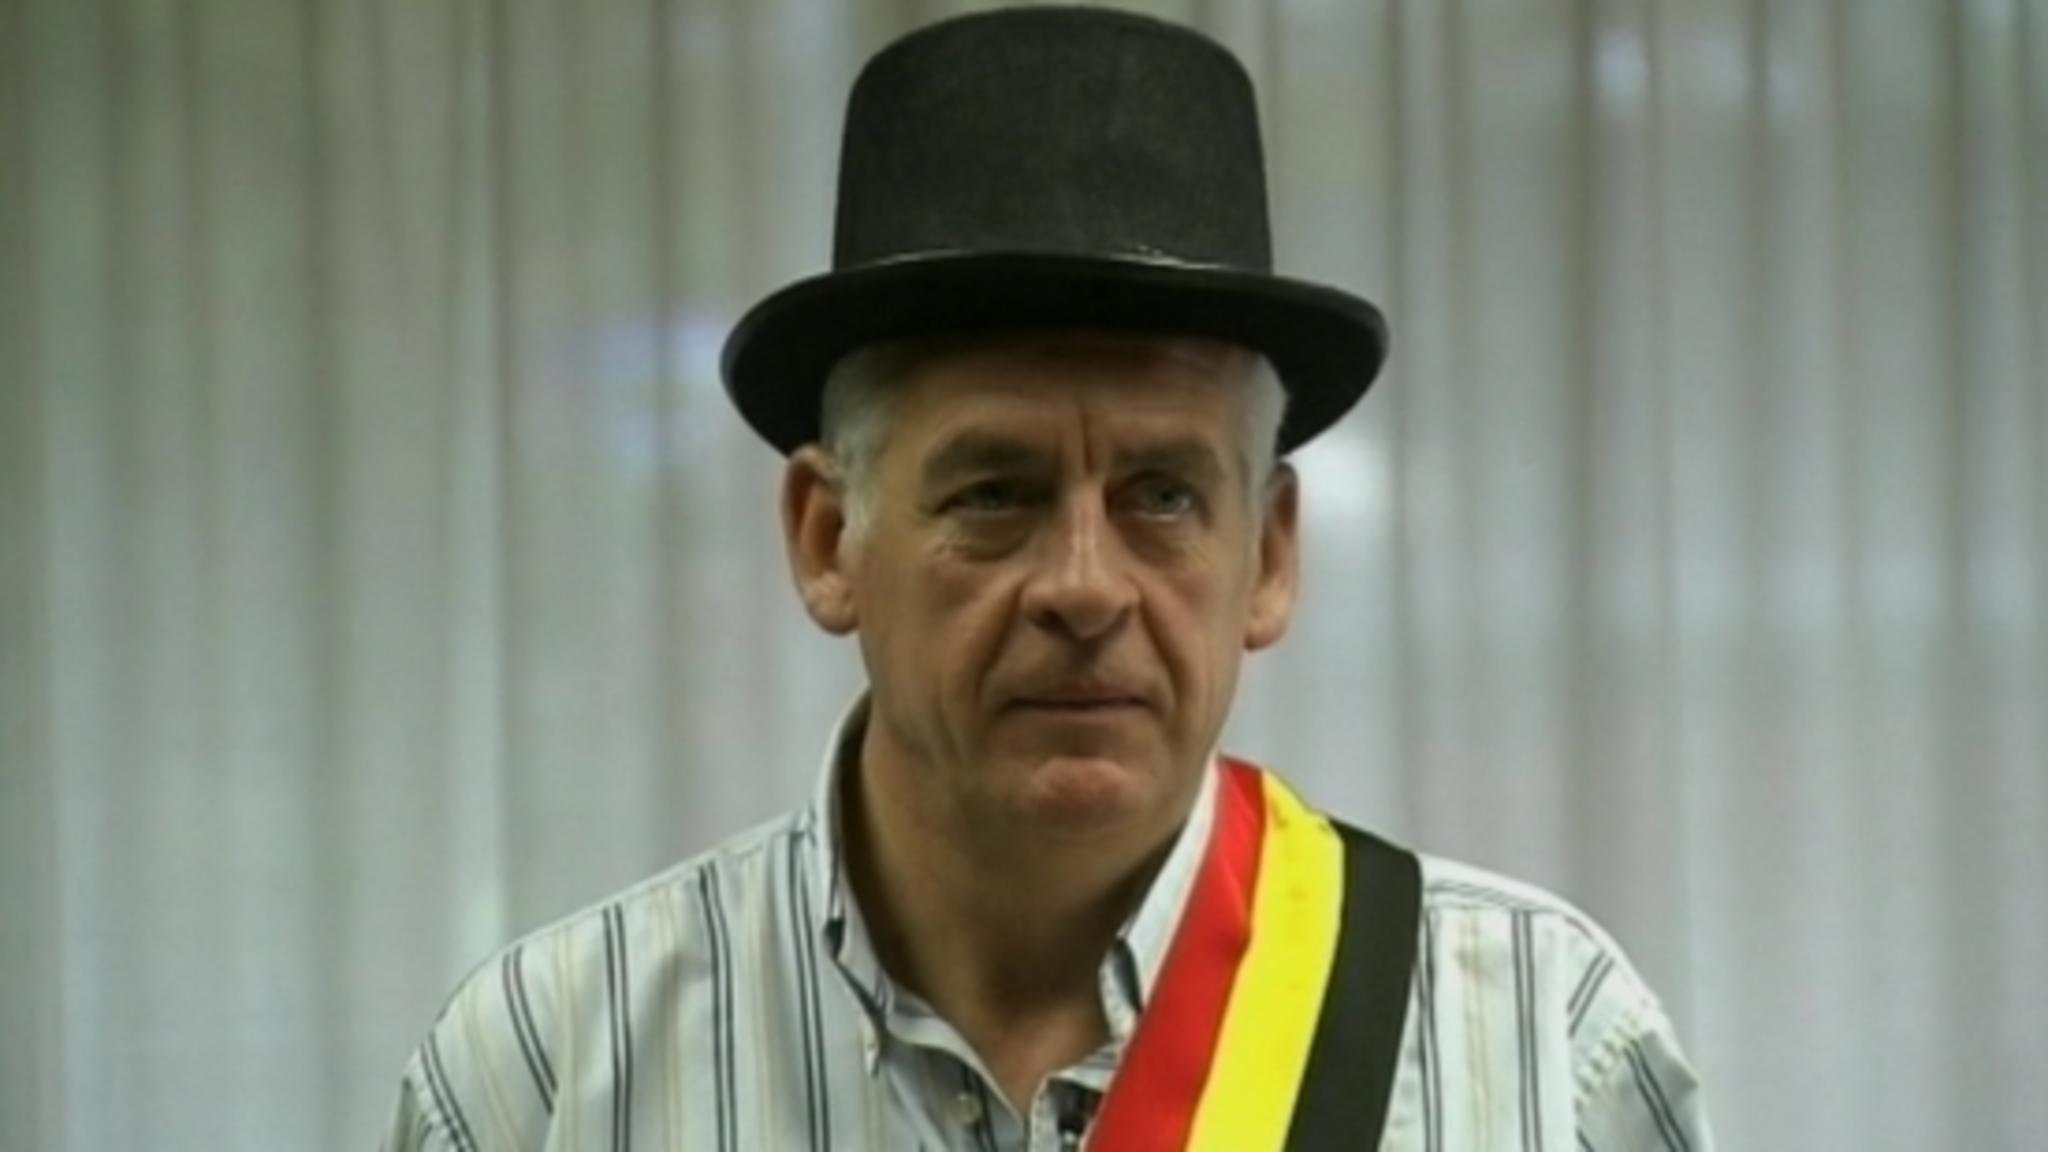 Meneer De Burgemeester Walter De Donder Neemt Ambt